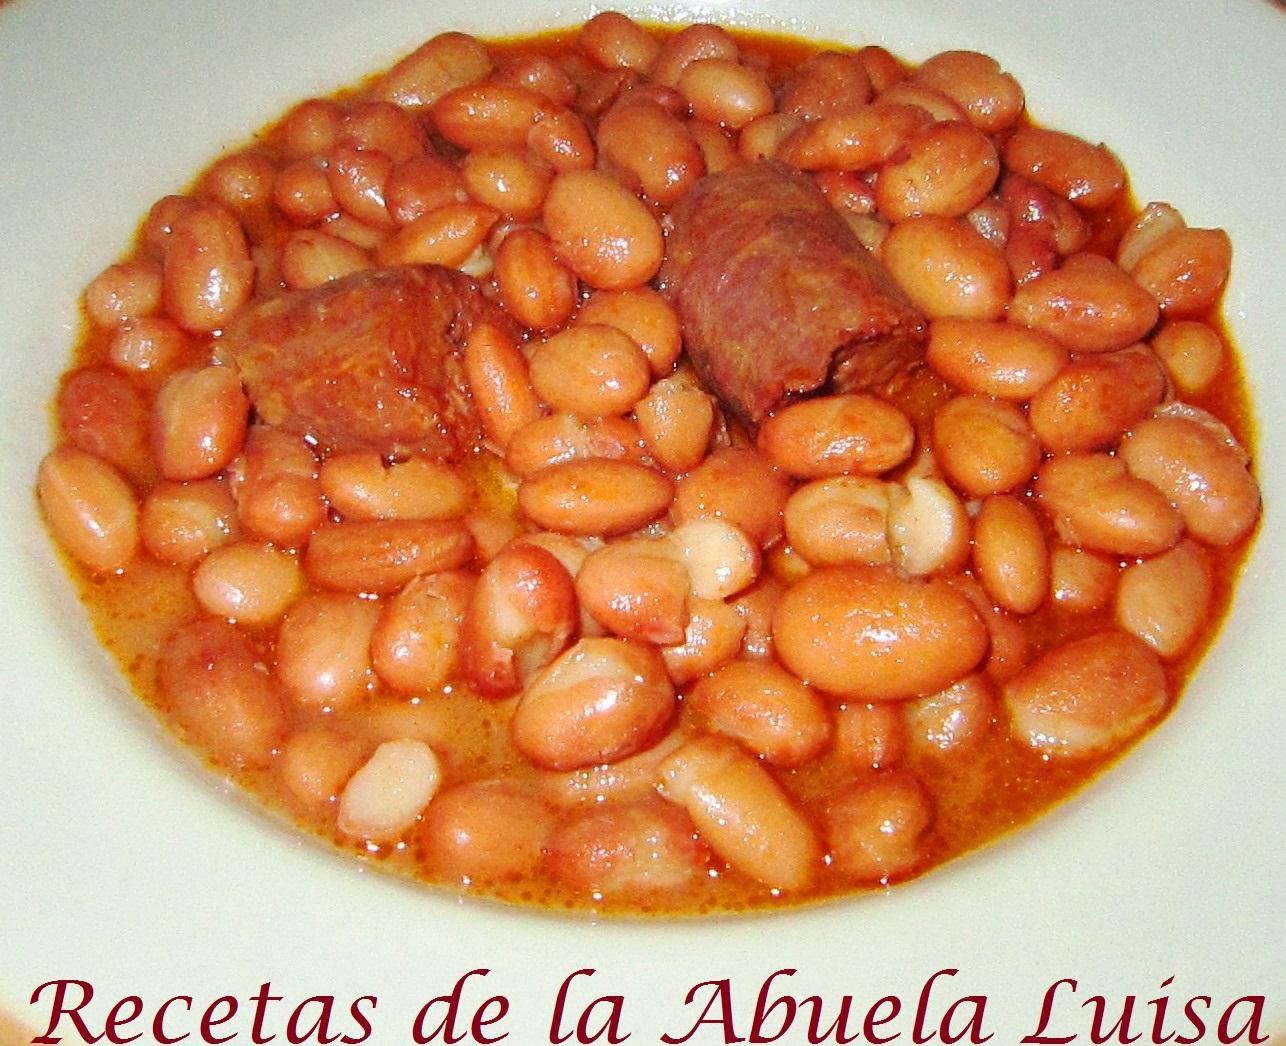 Judias pintas con chorizo recetas de la abuela luisa - Judias con chorizo y patatas ...